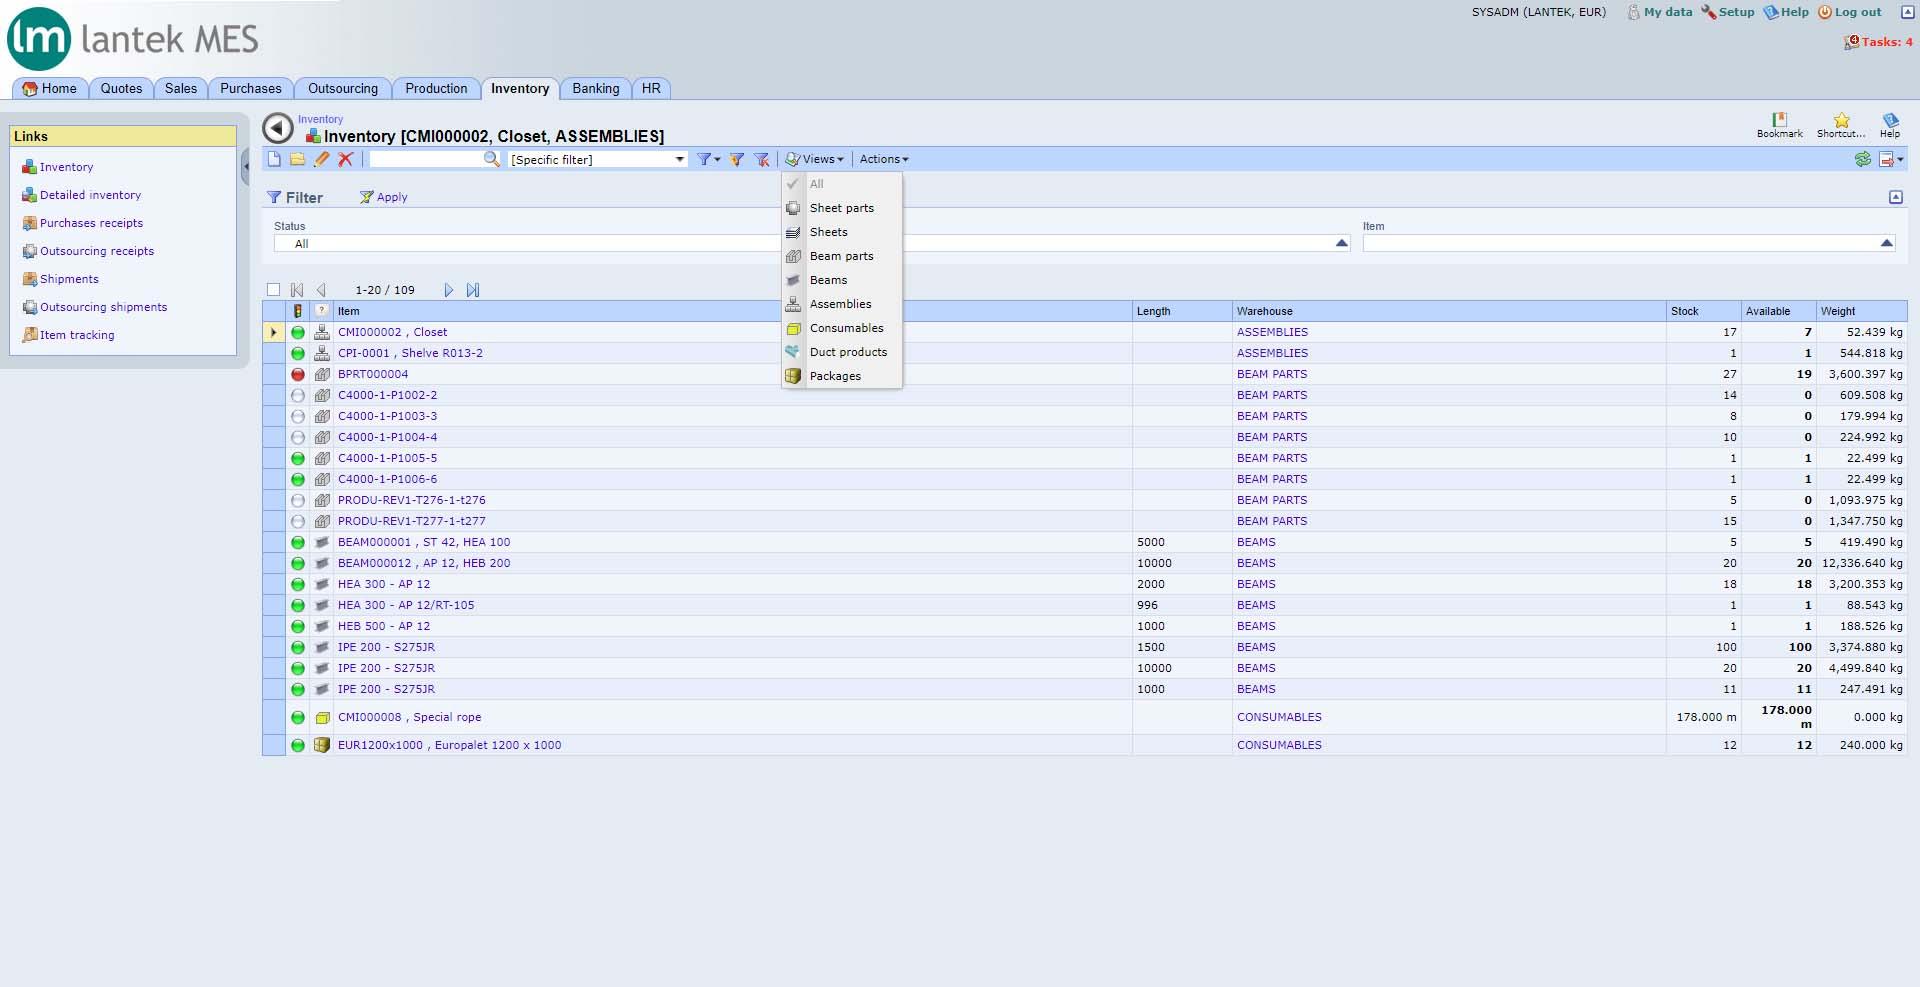 Lantek Integra Inventory  - Plattenbestand